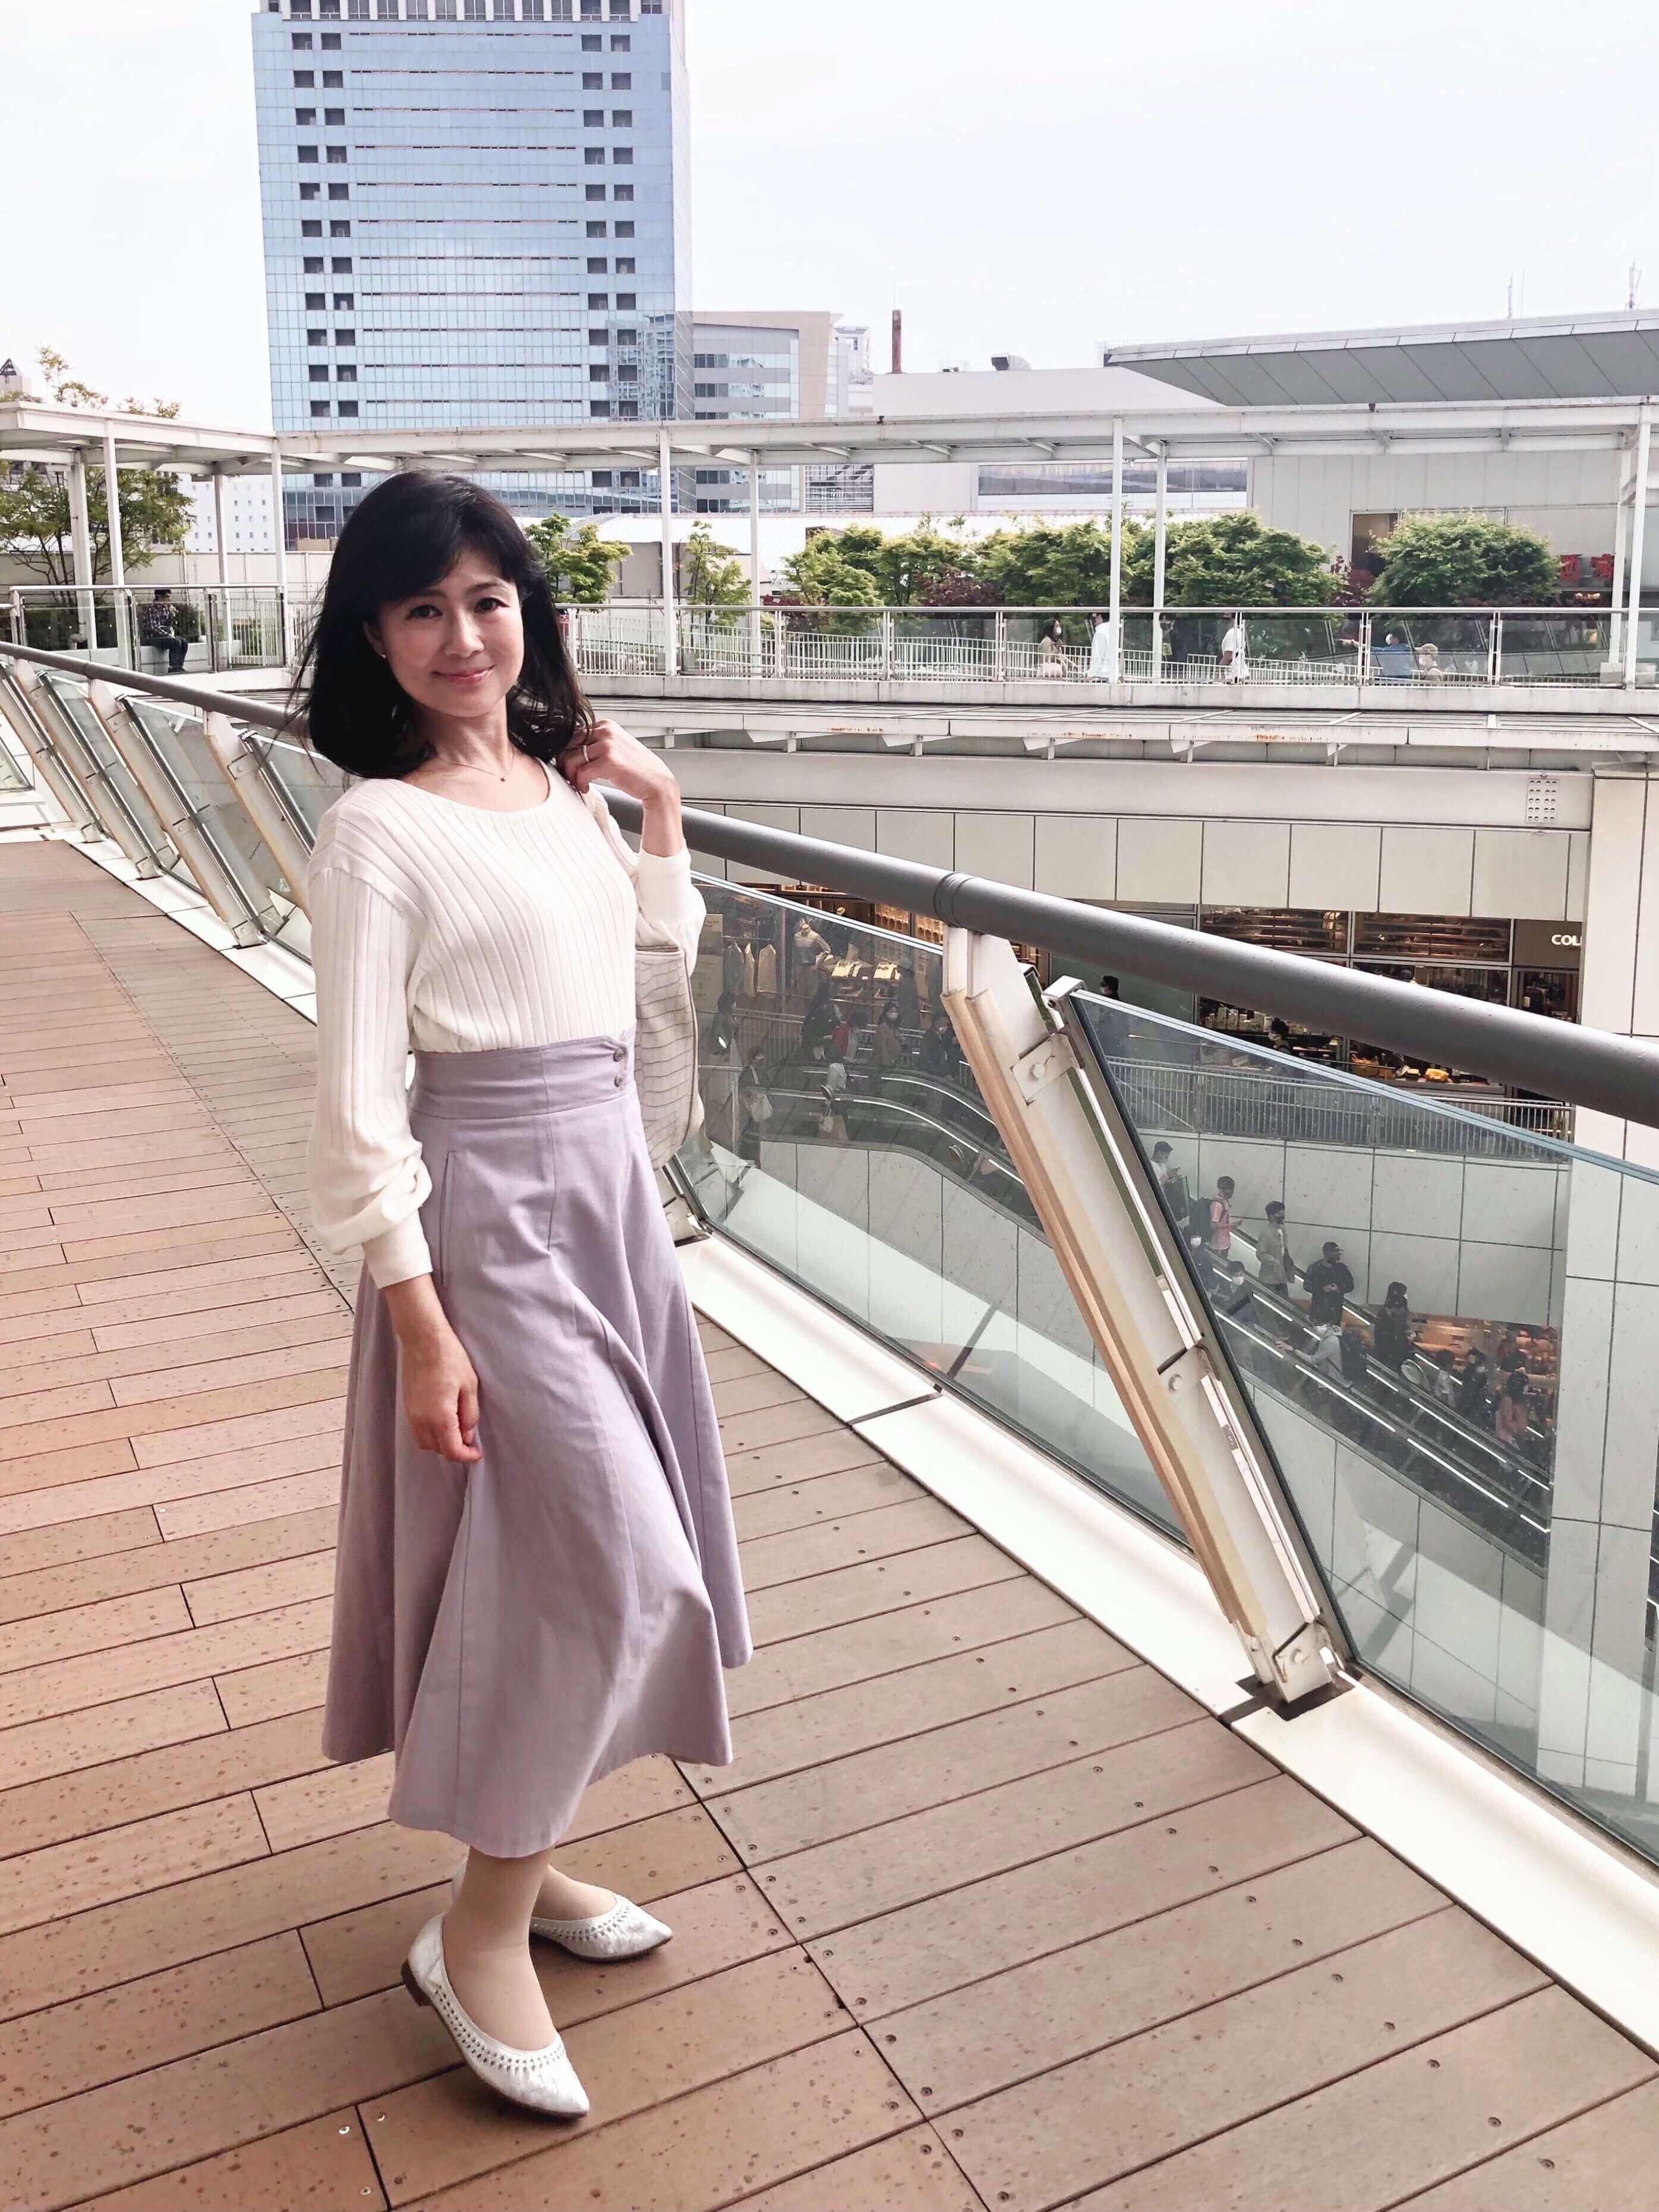 白のトップスに薄紫のロングスカート。シルバーのパンプス。